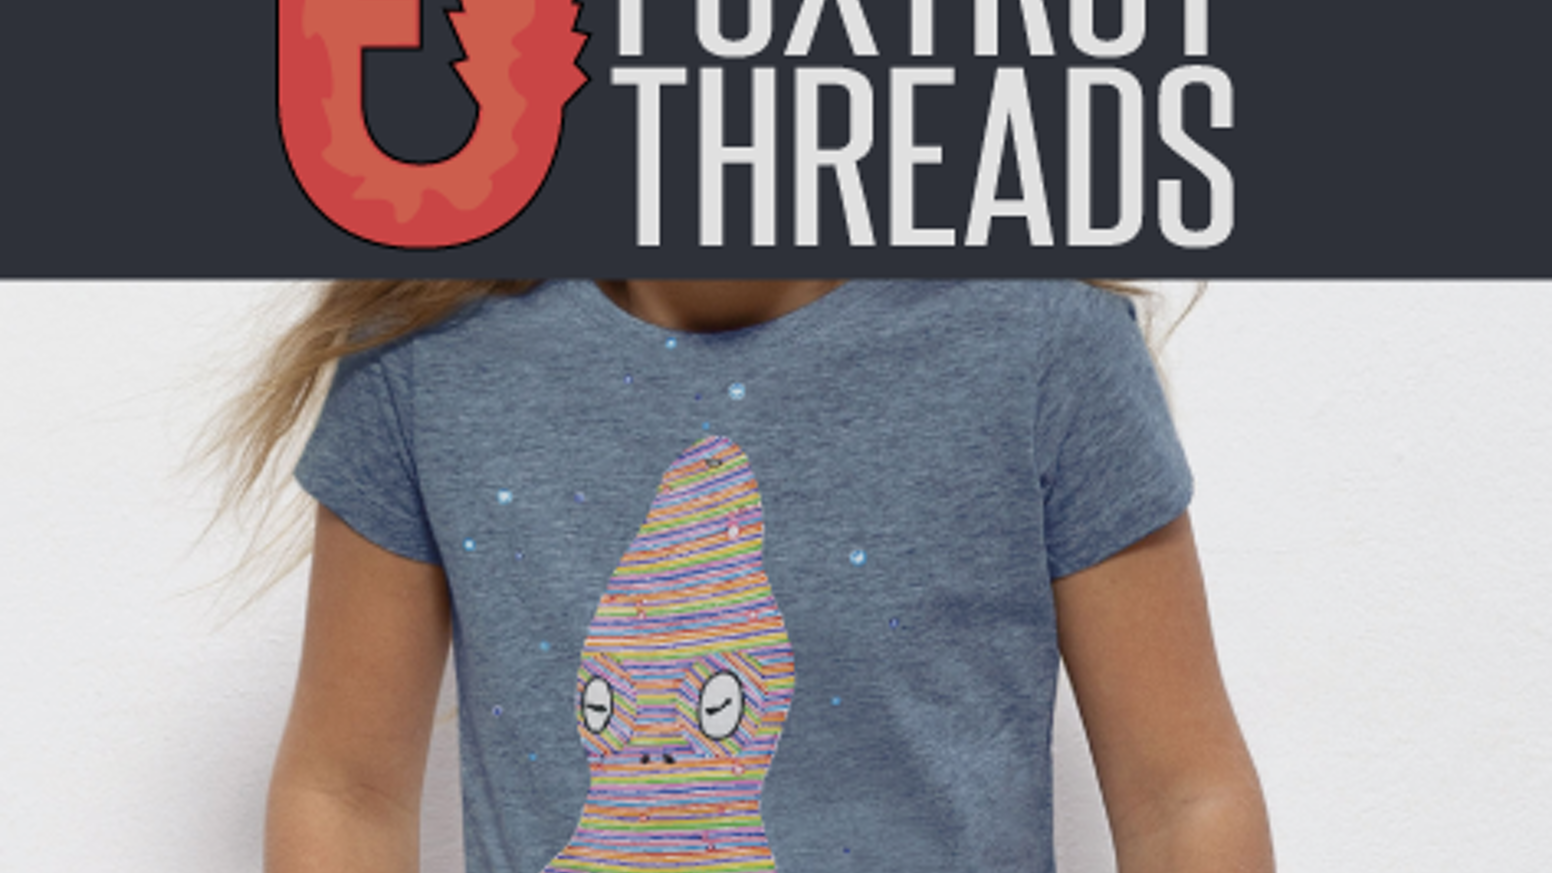 76de01c86a6 Foxtrot Threads - Radical